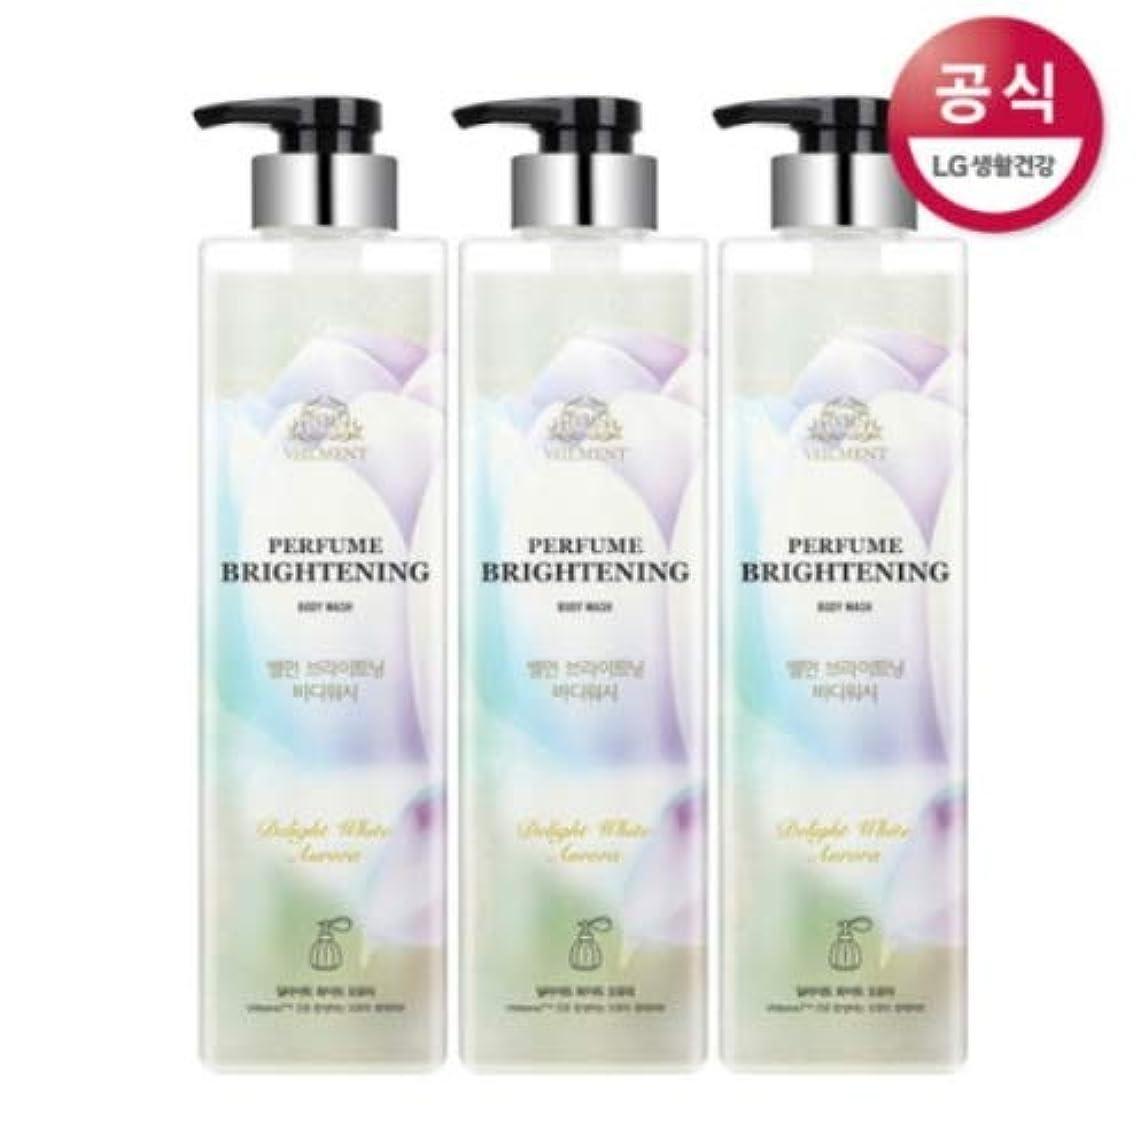 整然とした絶壁ネックレット[LG HnB] On the Body Belman Perfume Brightening Body Wash / オンザボディベルモンパフュームブライトニングボディウォッシュ680mlx3個(海外直送品)